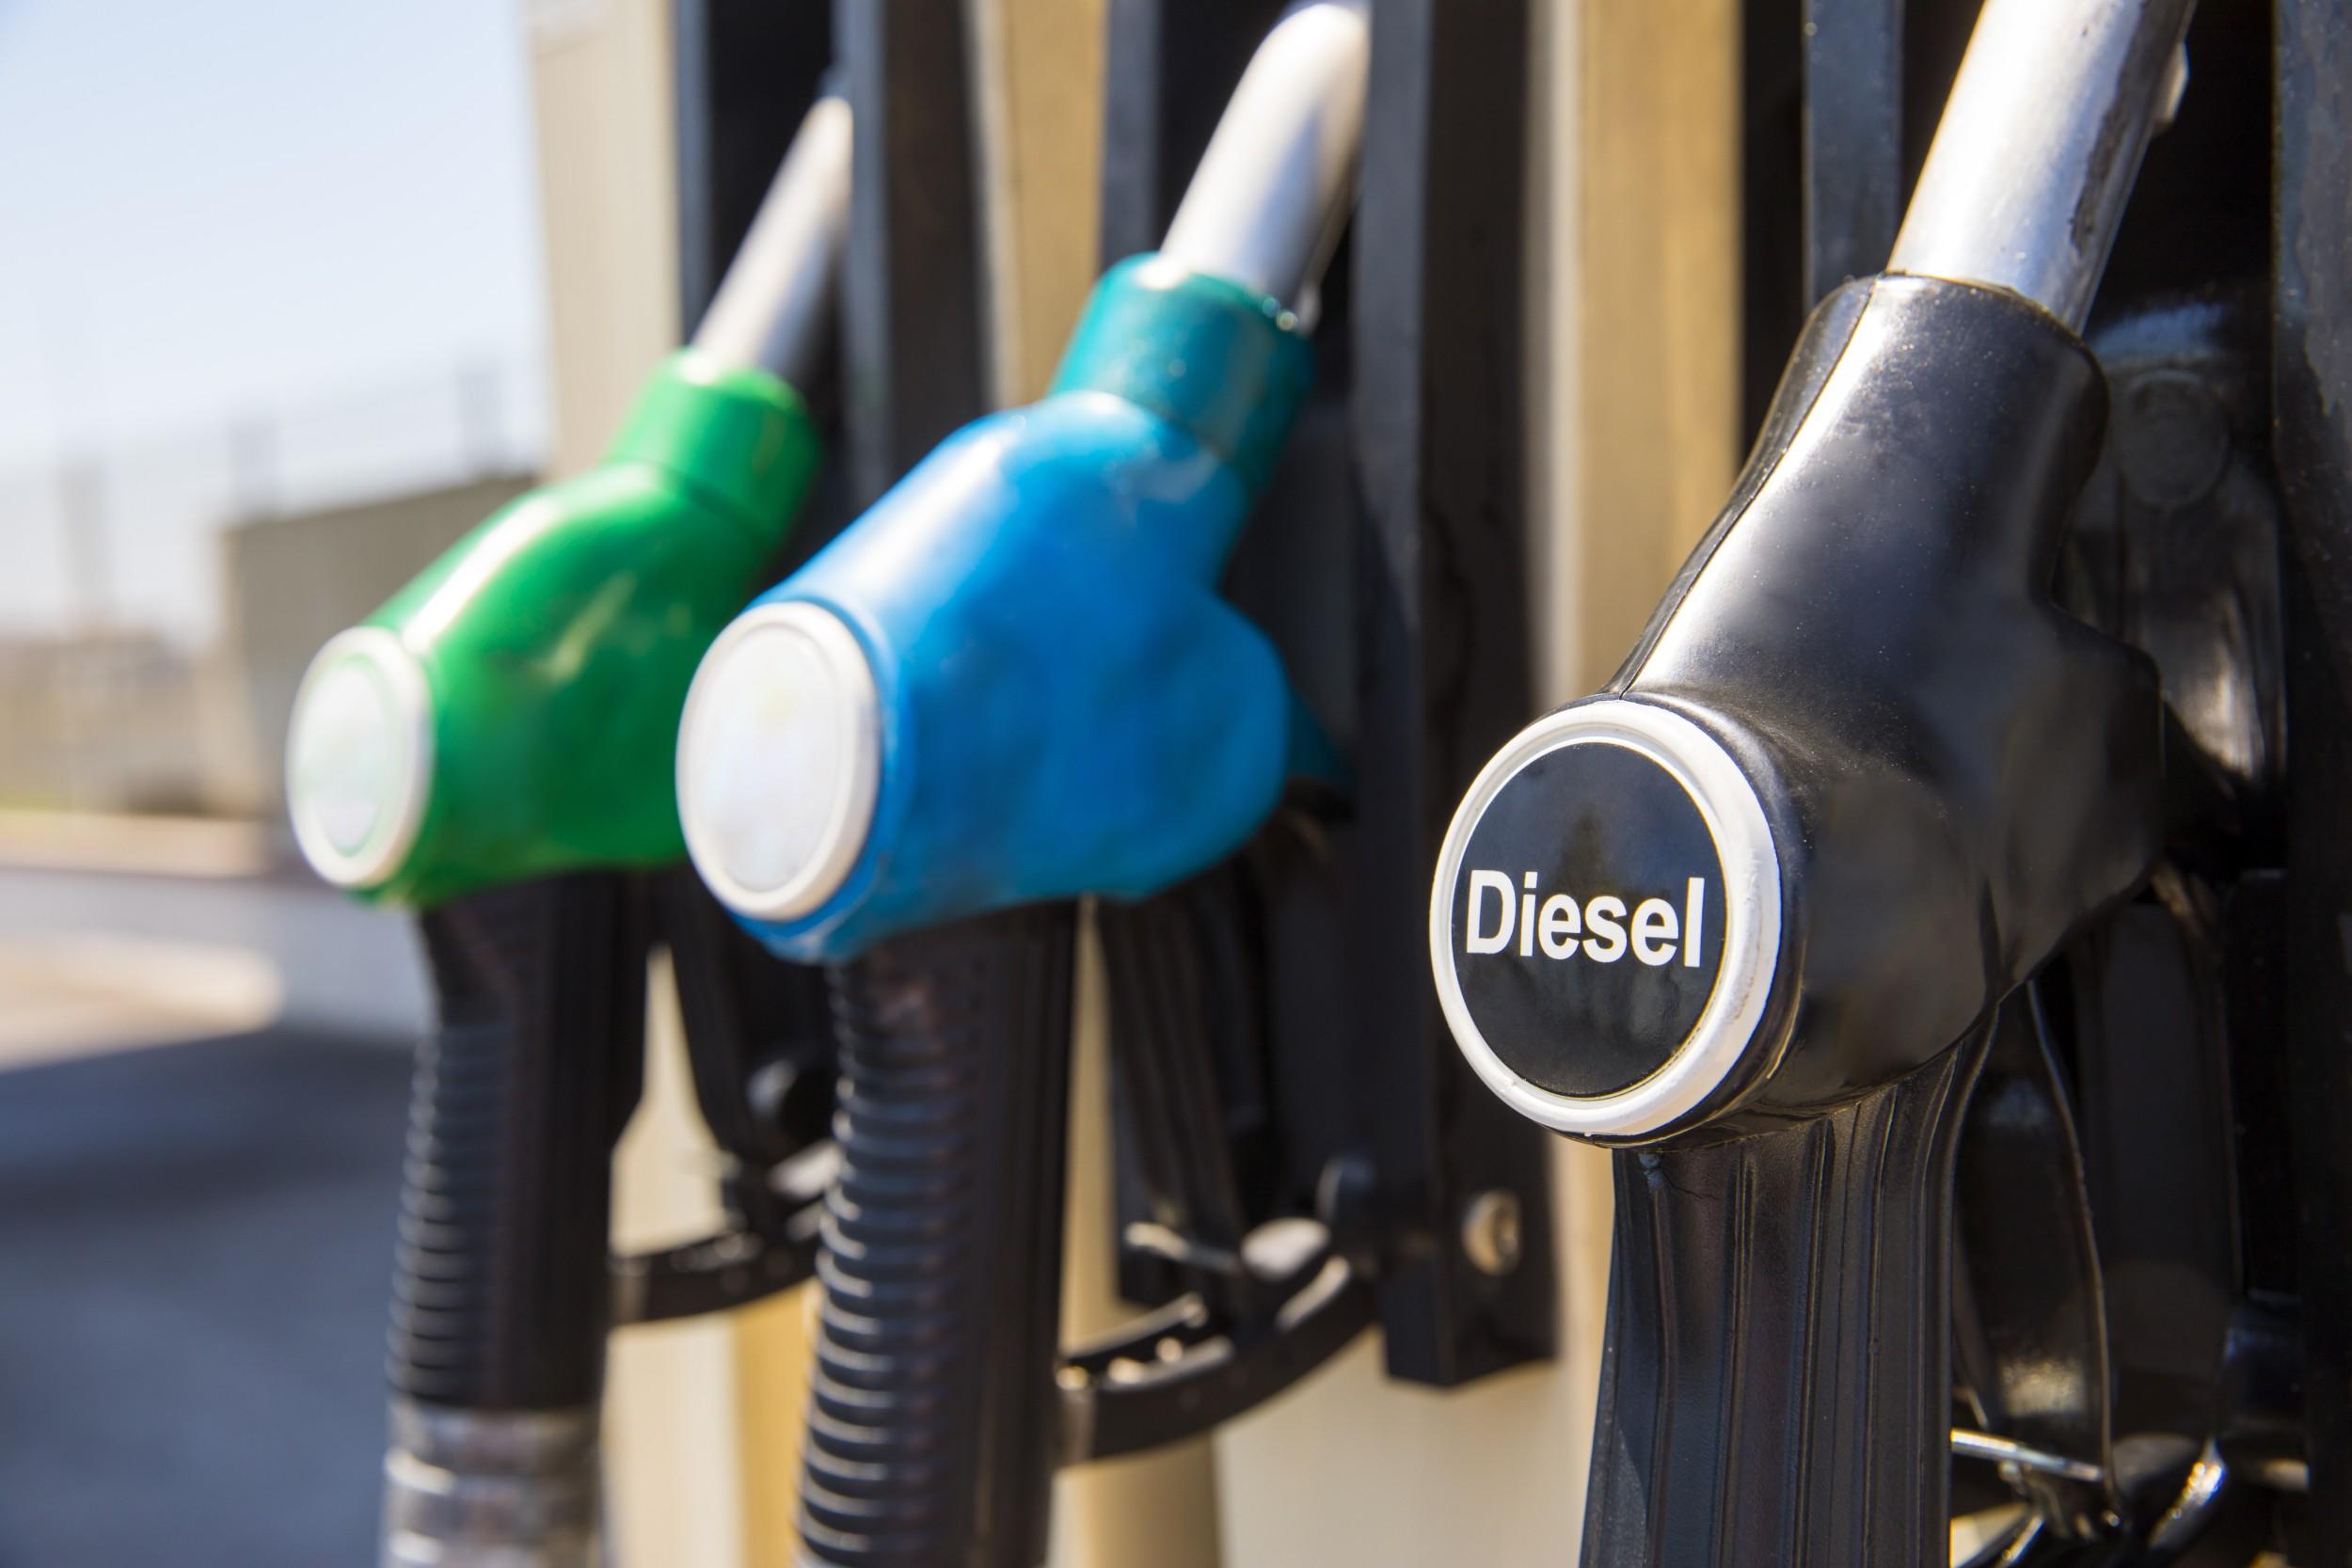 Diesel - tipos de diesel - InfoEscola